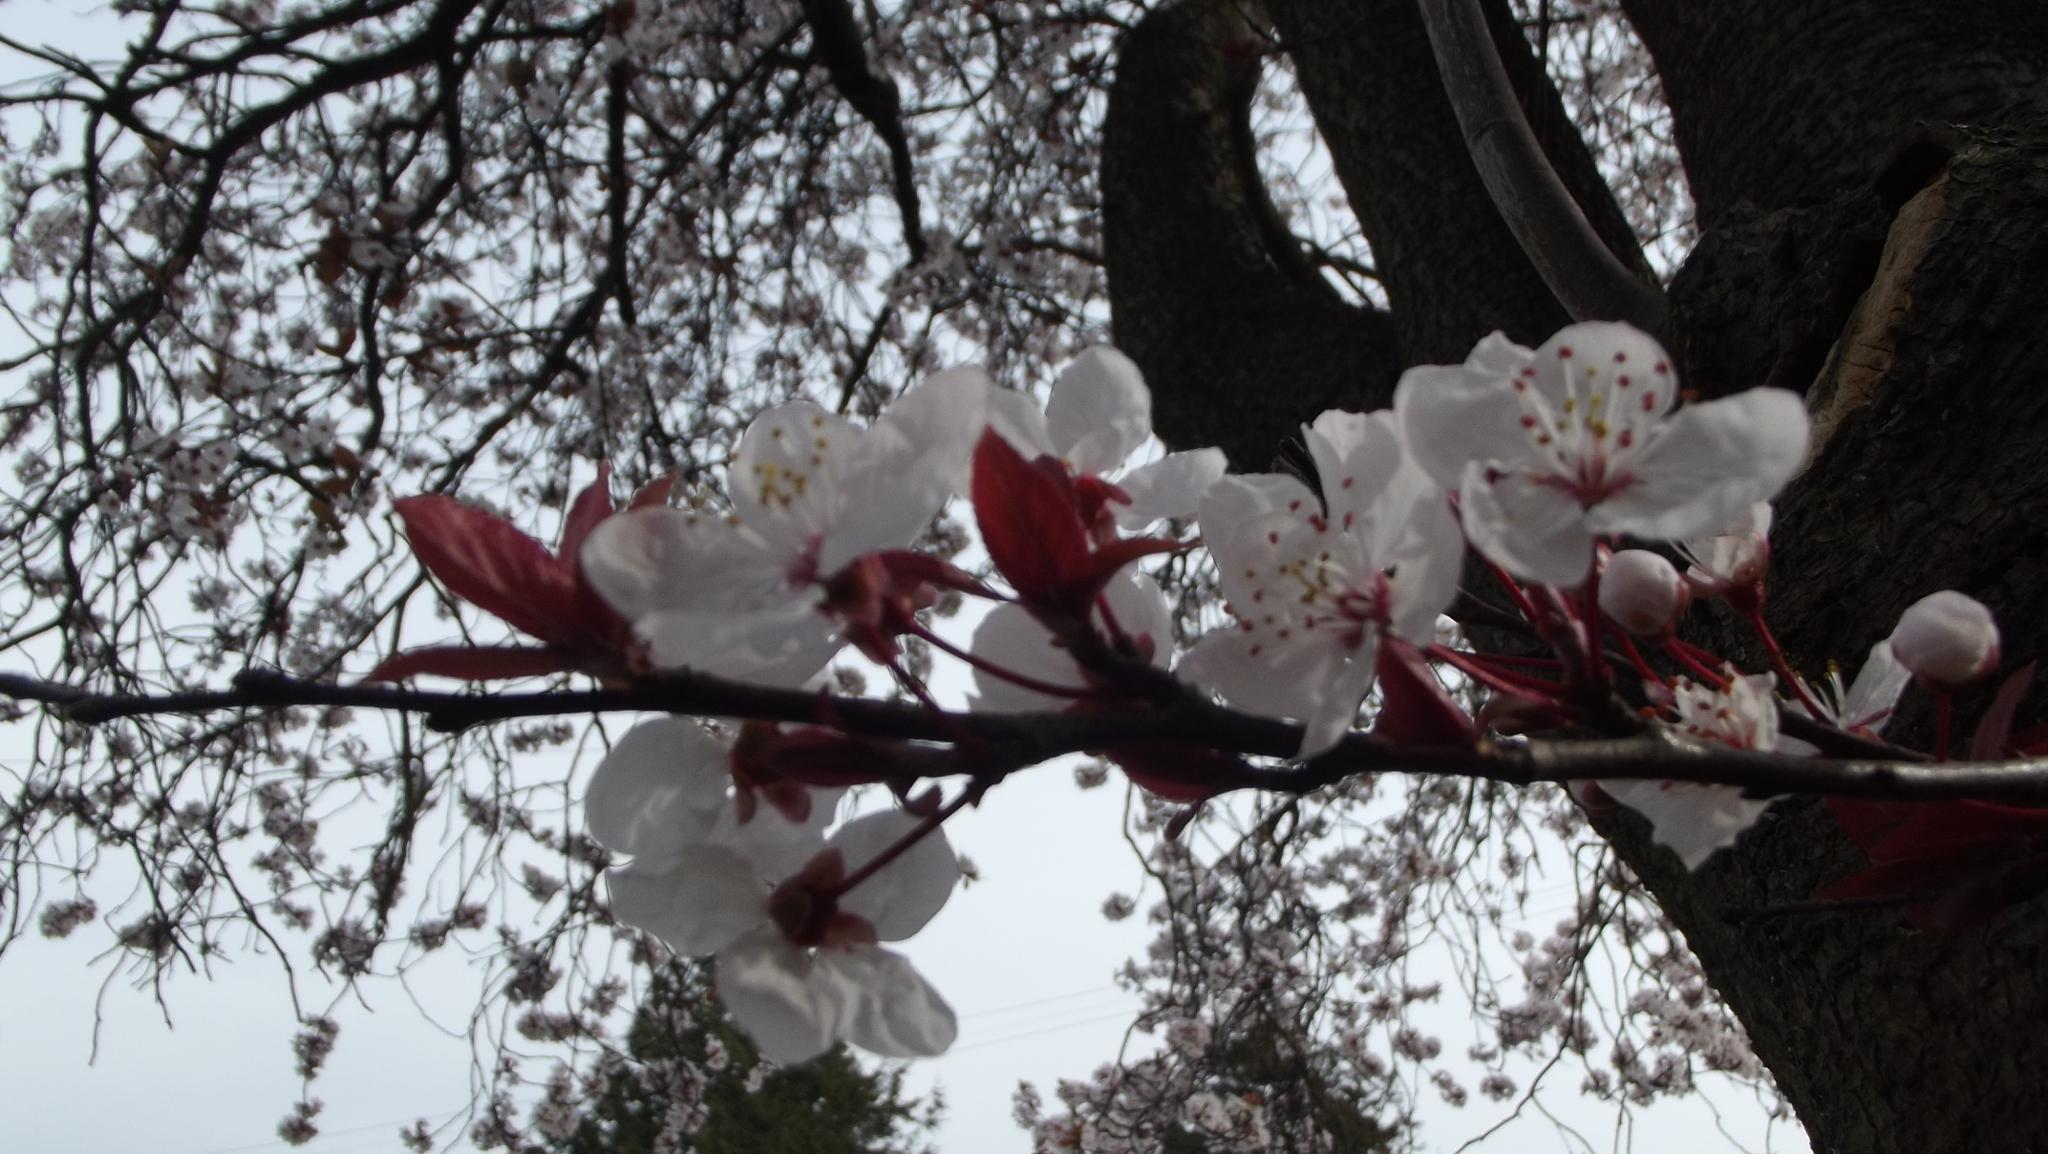 spring blossom by ksanger1